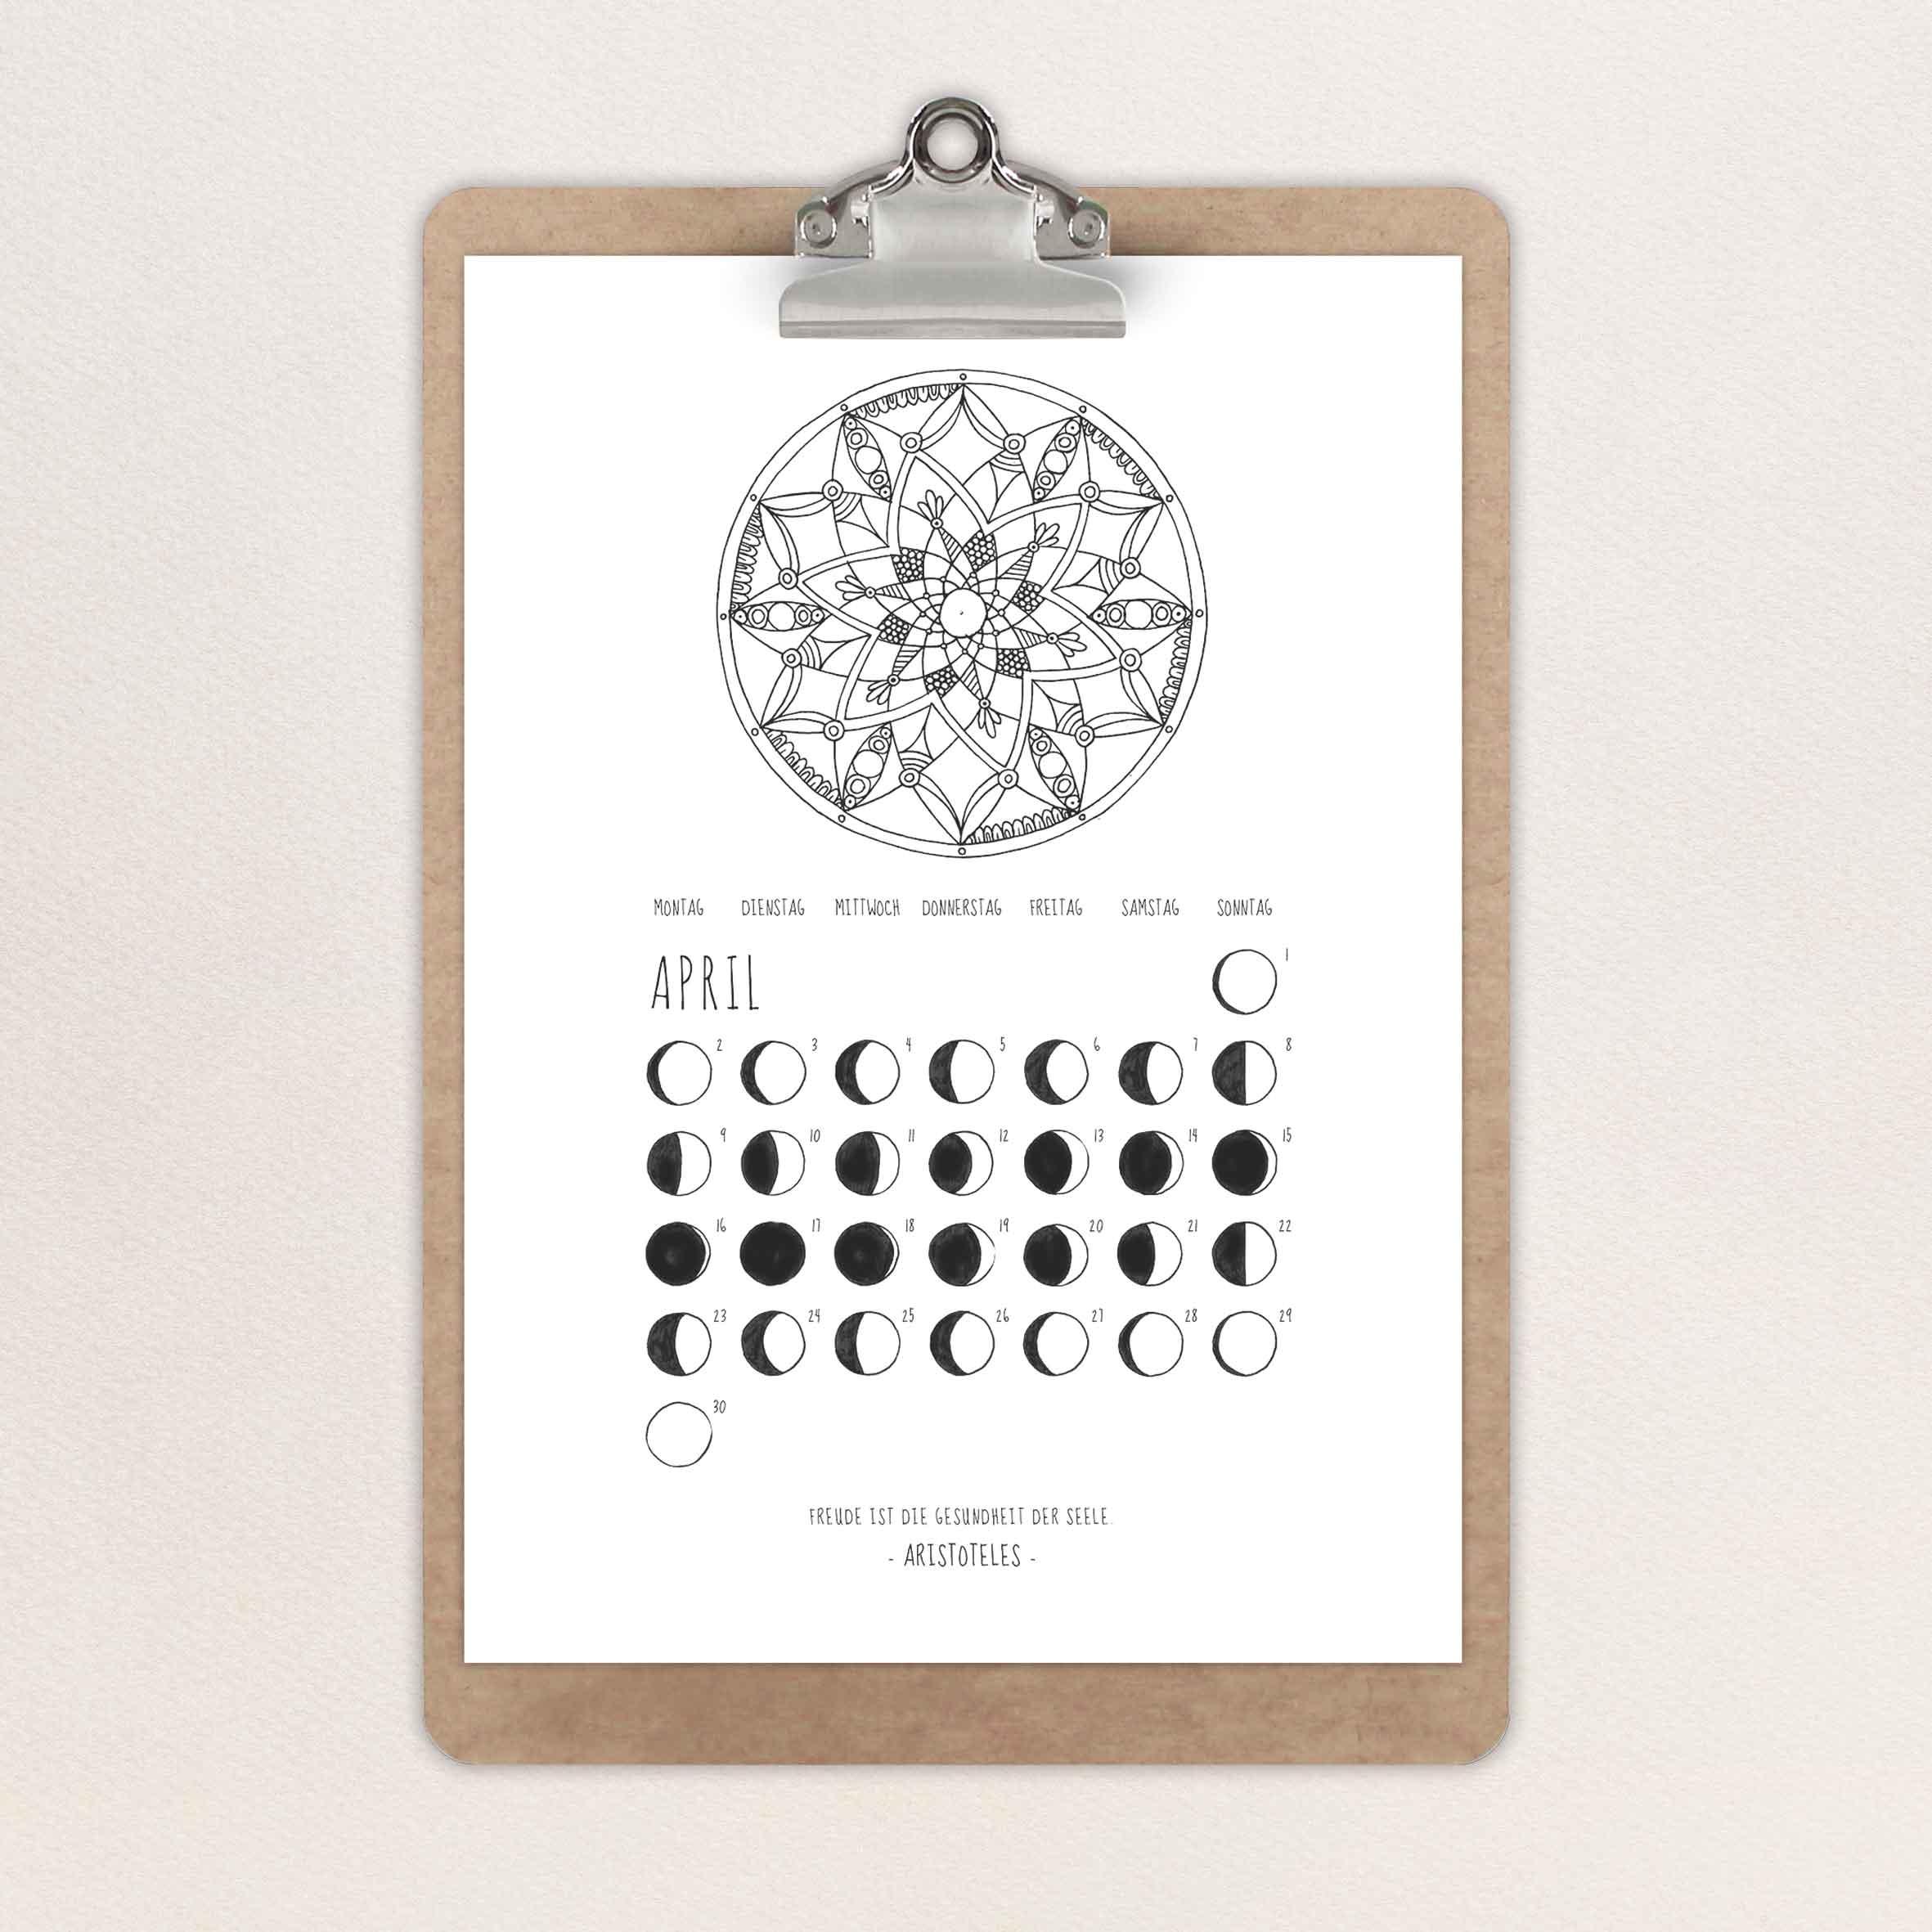 Illustration eines Kalenders mit dem Thema Mondphasen